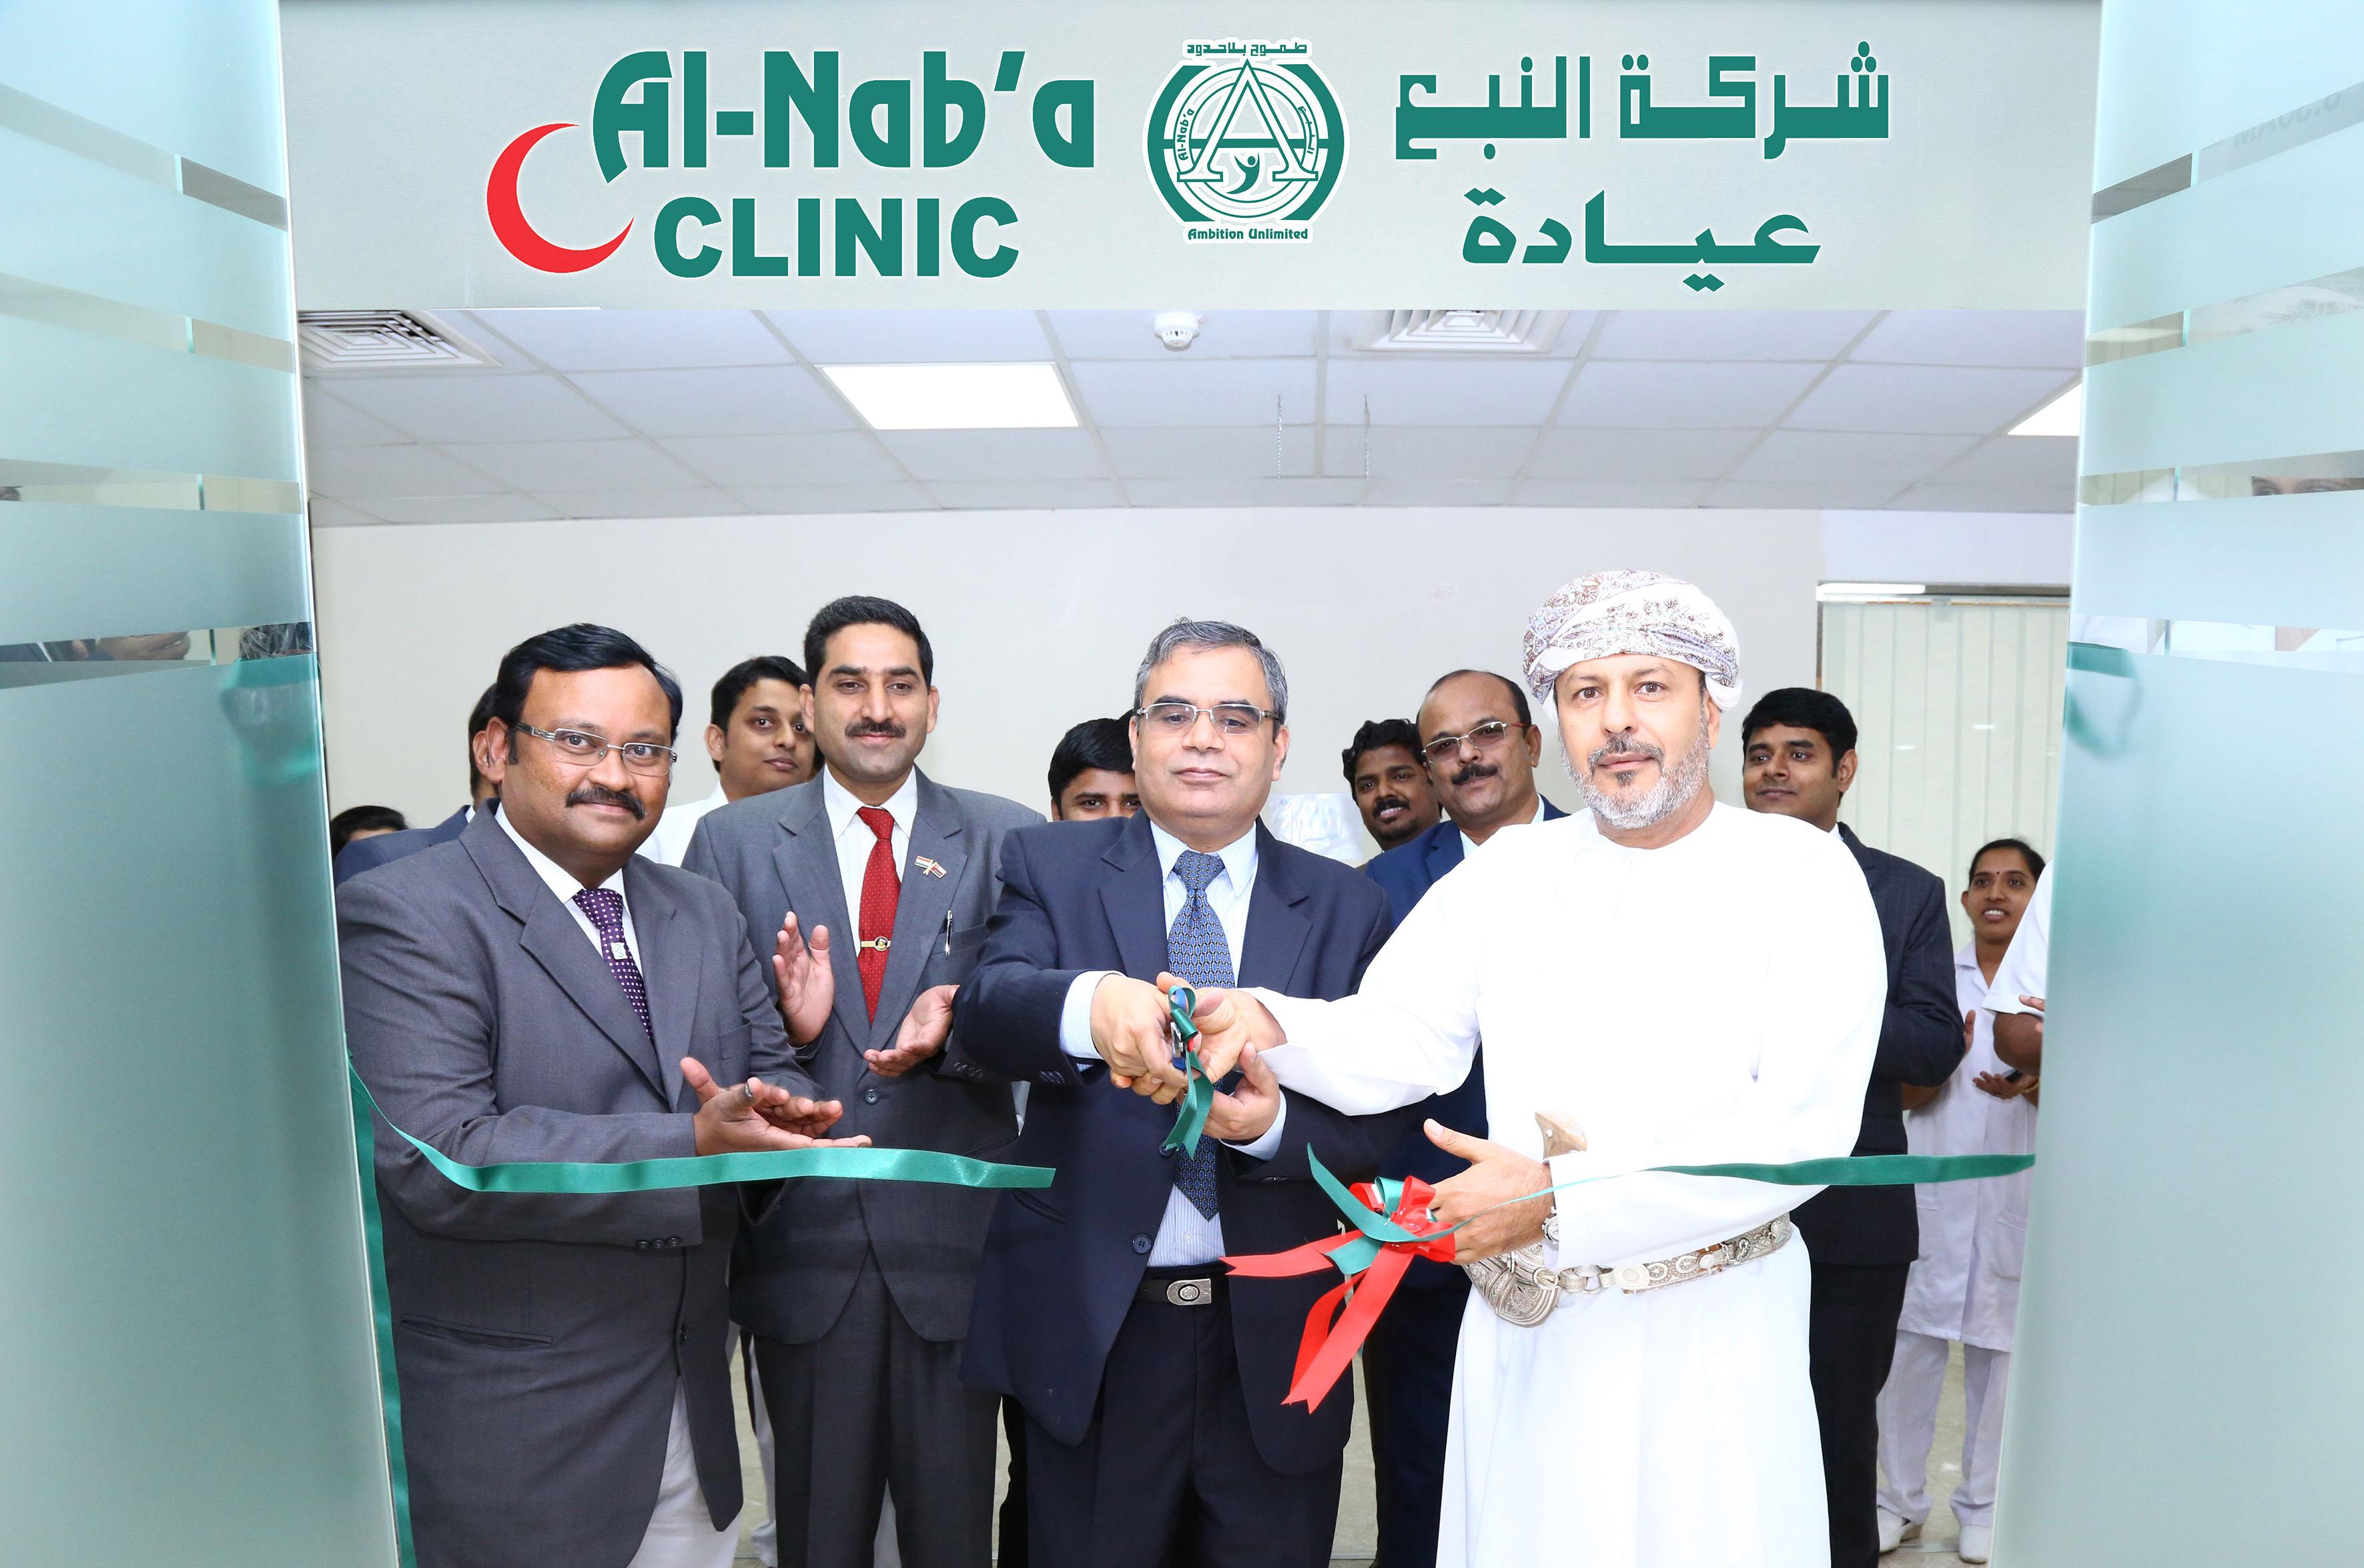 AL NAB'A HOLDING LLC